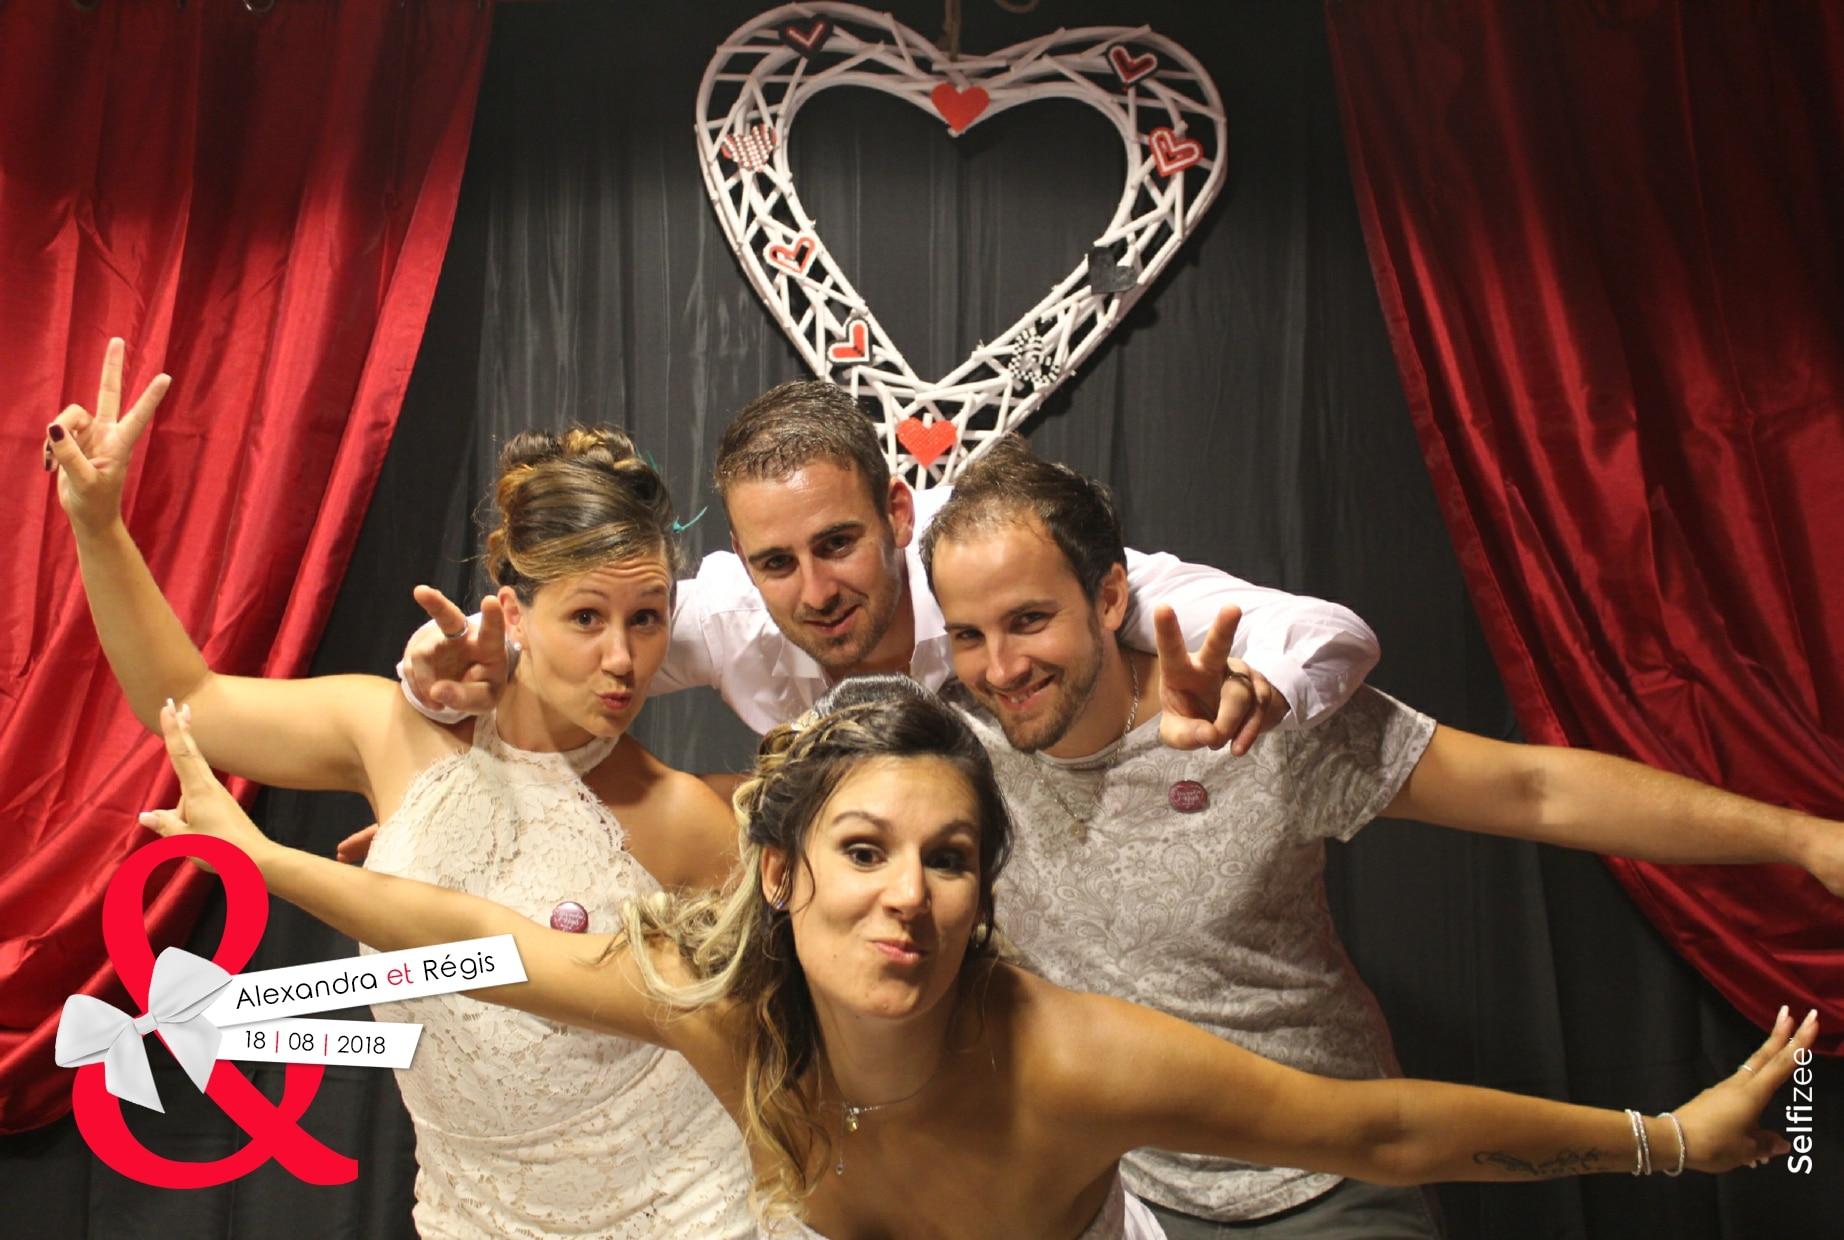 Photo personnalisée mariage avec impressions immédiates et shooting illimité à Vannes - location box selfie pour anniversaire, mariage, fête dans le Morbihan